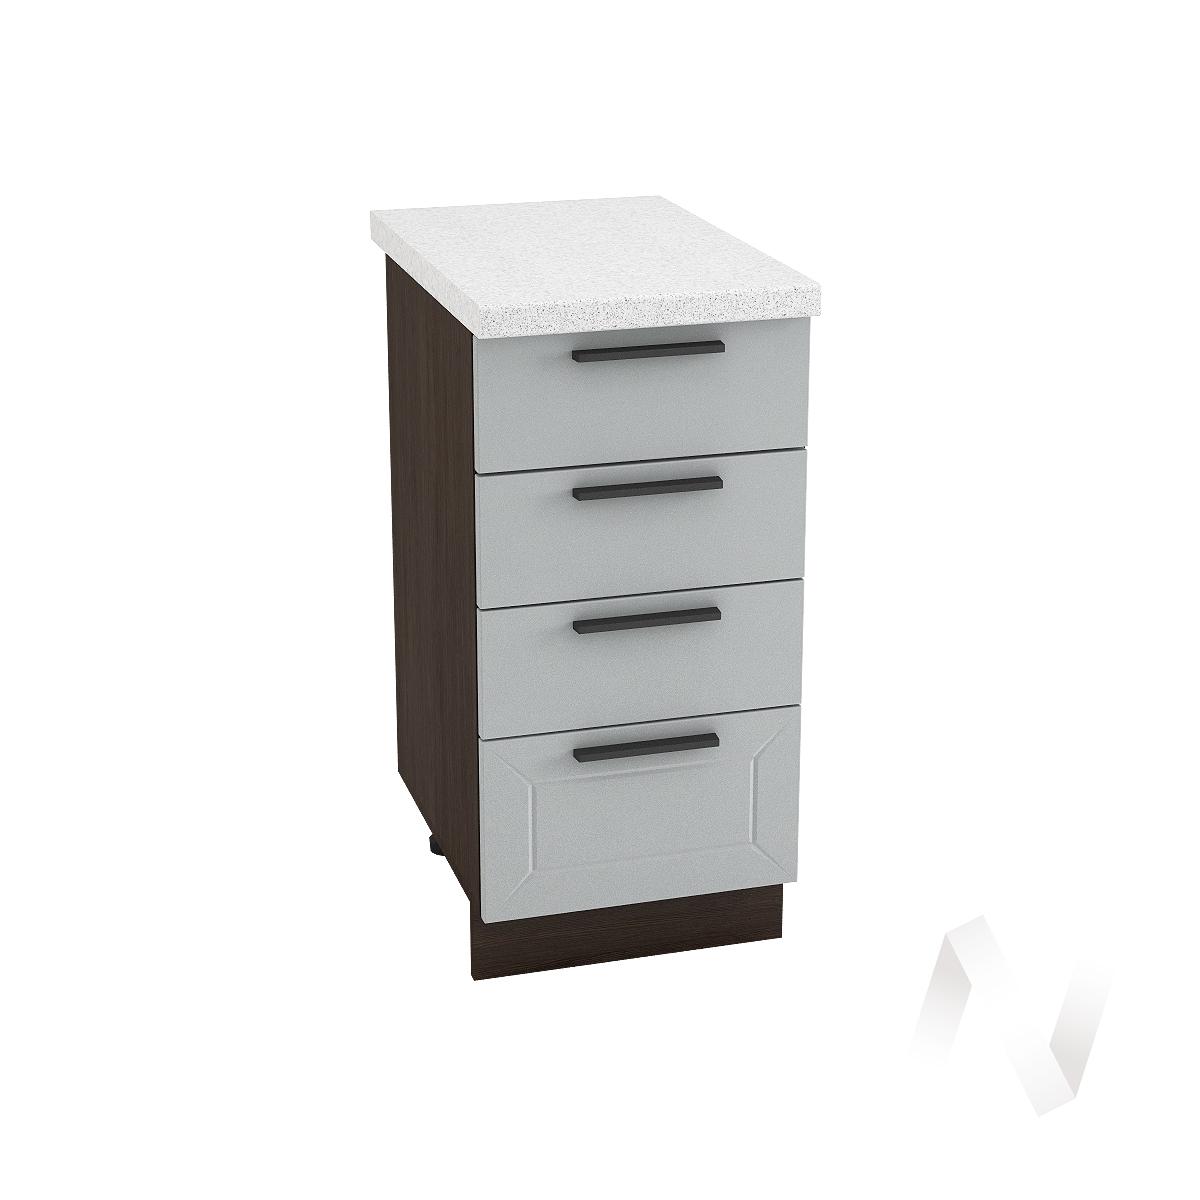 """Кухня """"Глетчер"""": Шкаф нижний с 4-мя ящиками 400, ШН4Я 400 (Гейнсборо Силк/корпус венге)"""